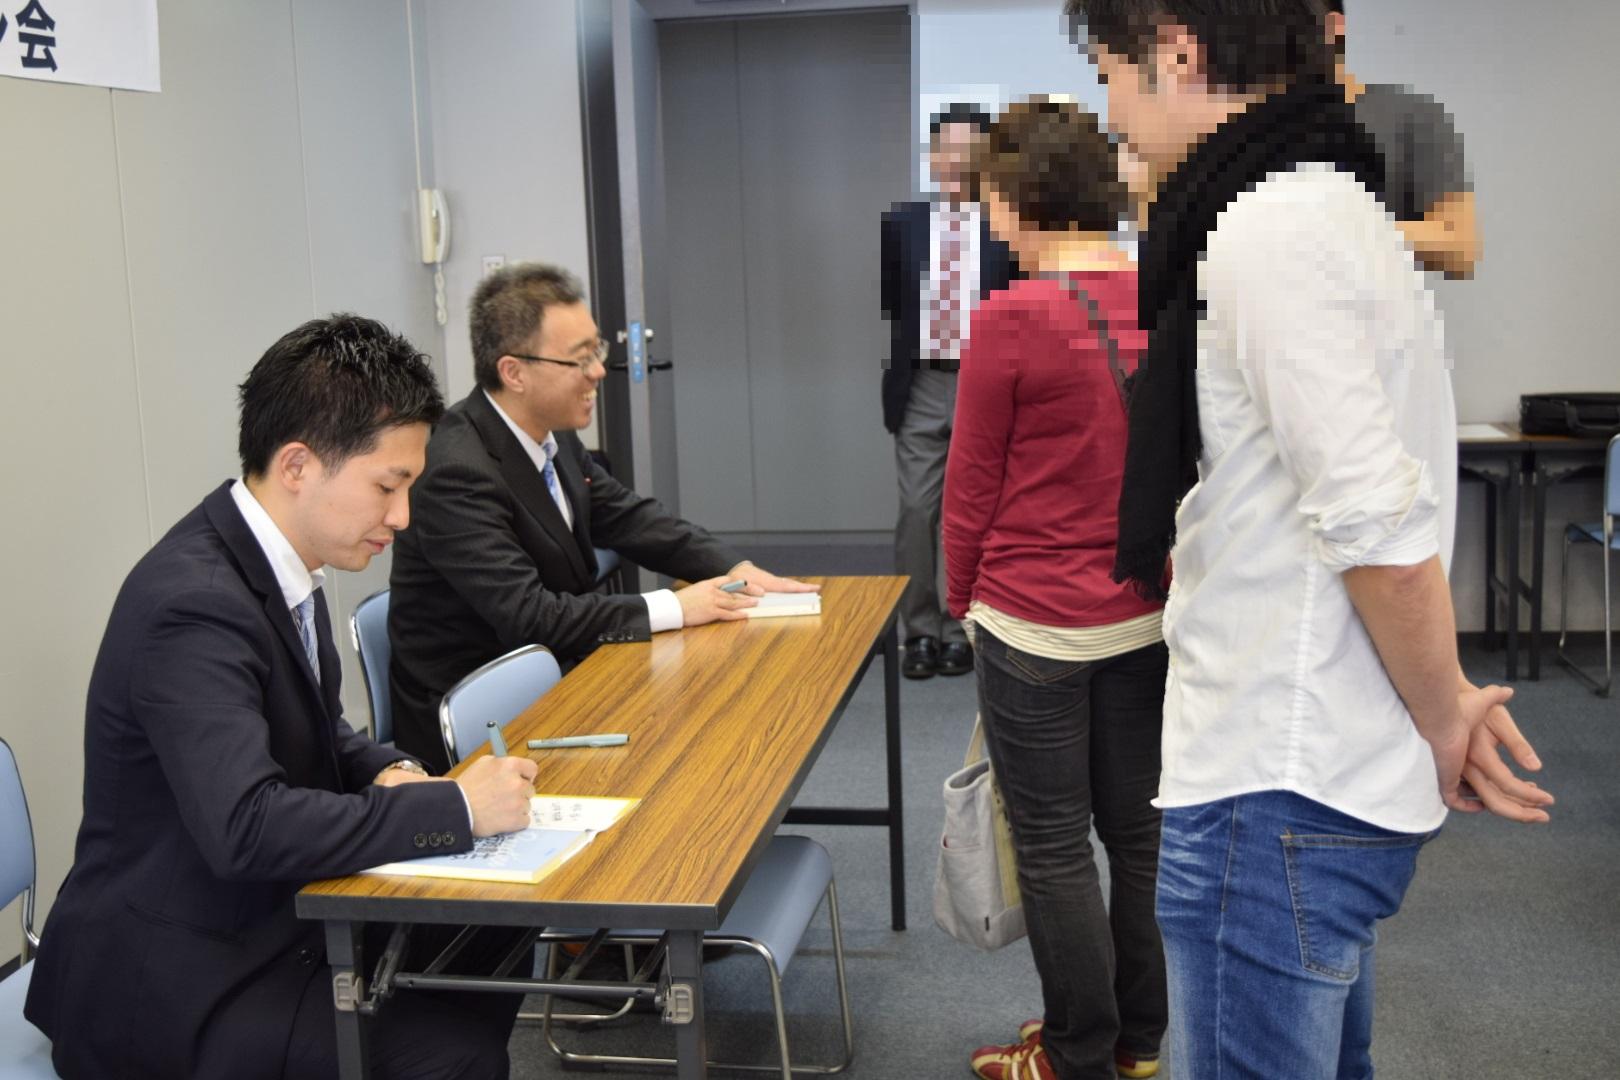 黒沢先生がサインしているところモザイク